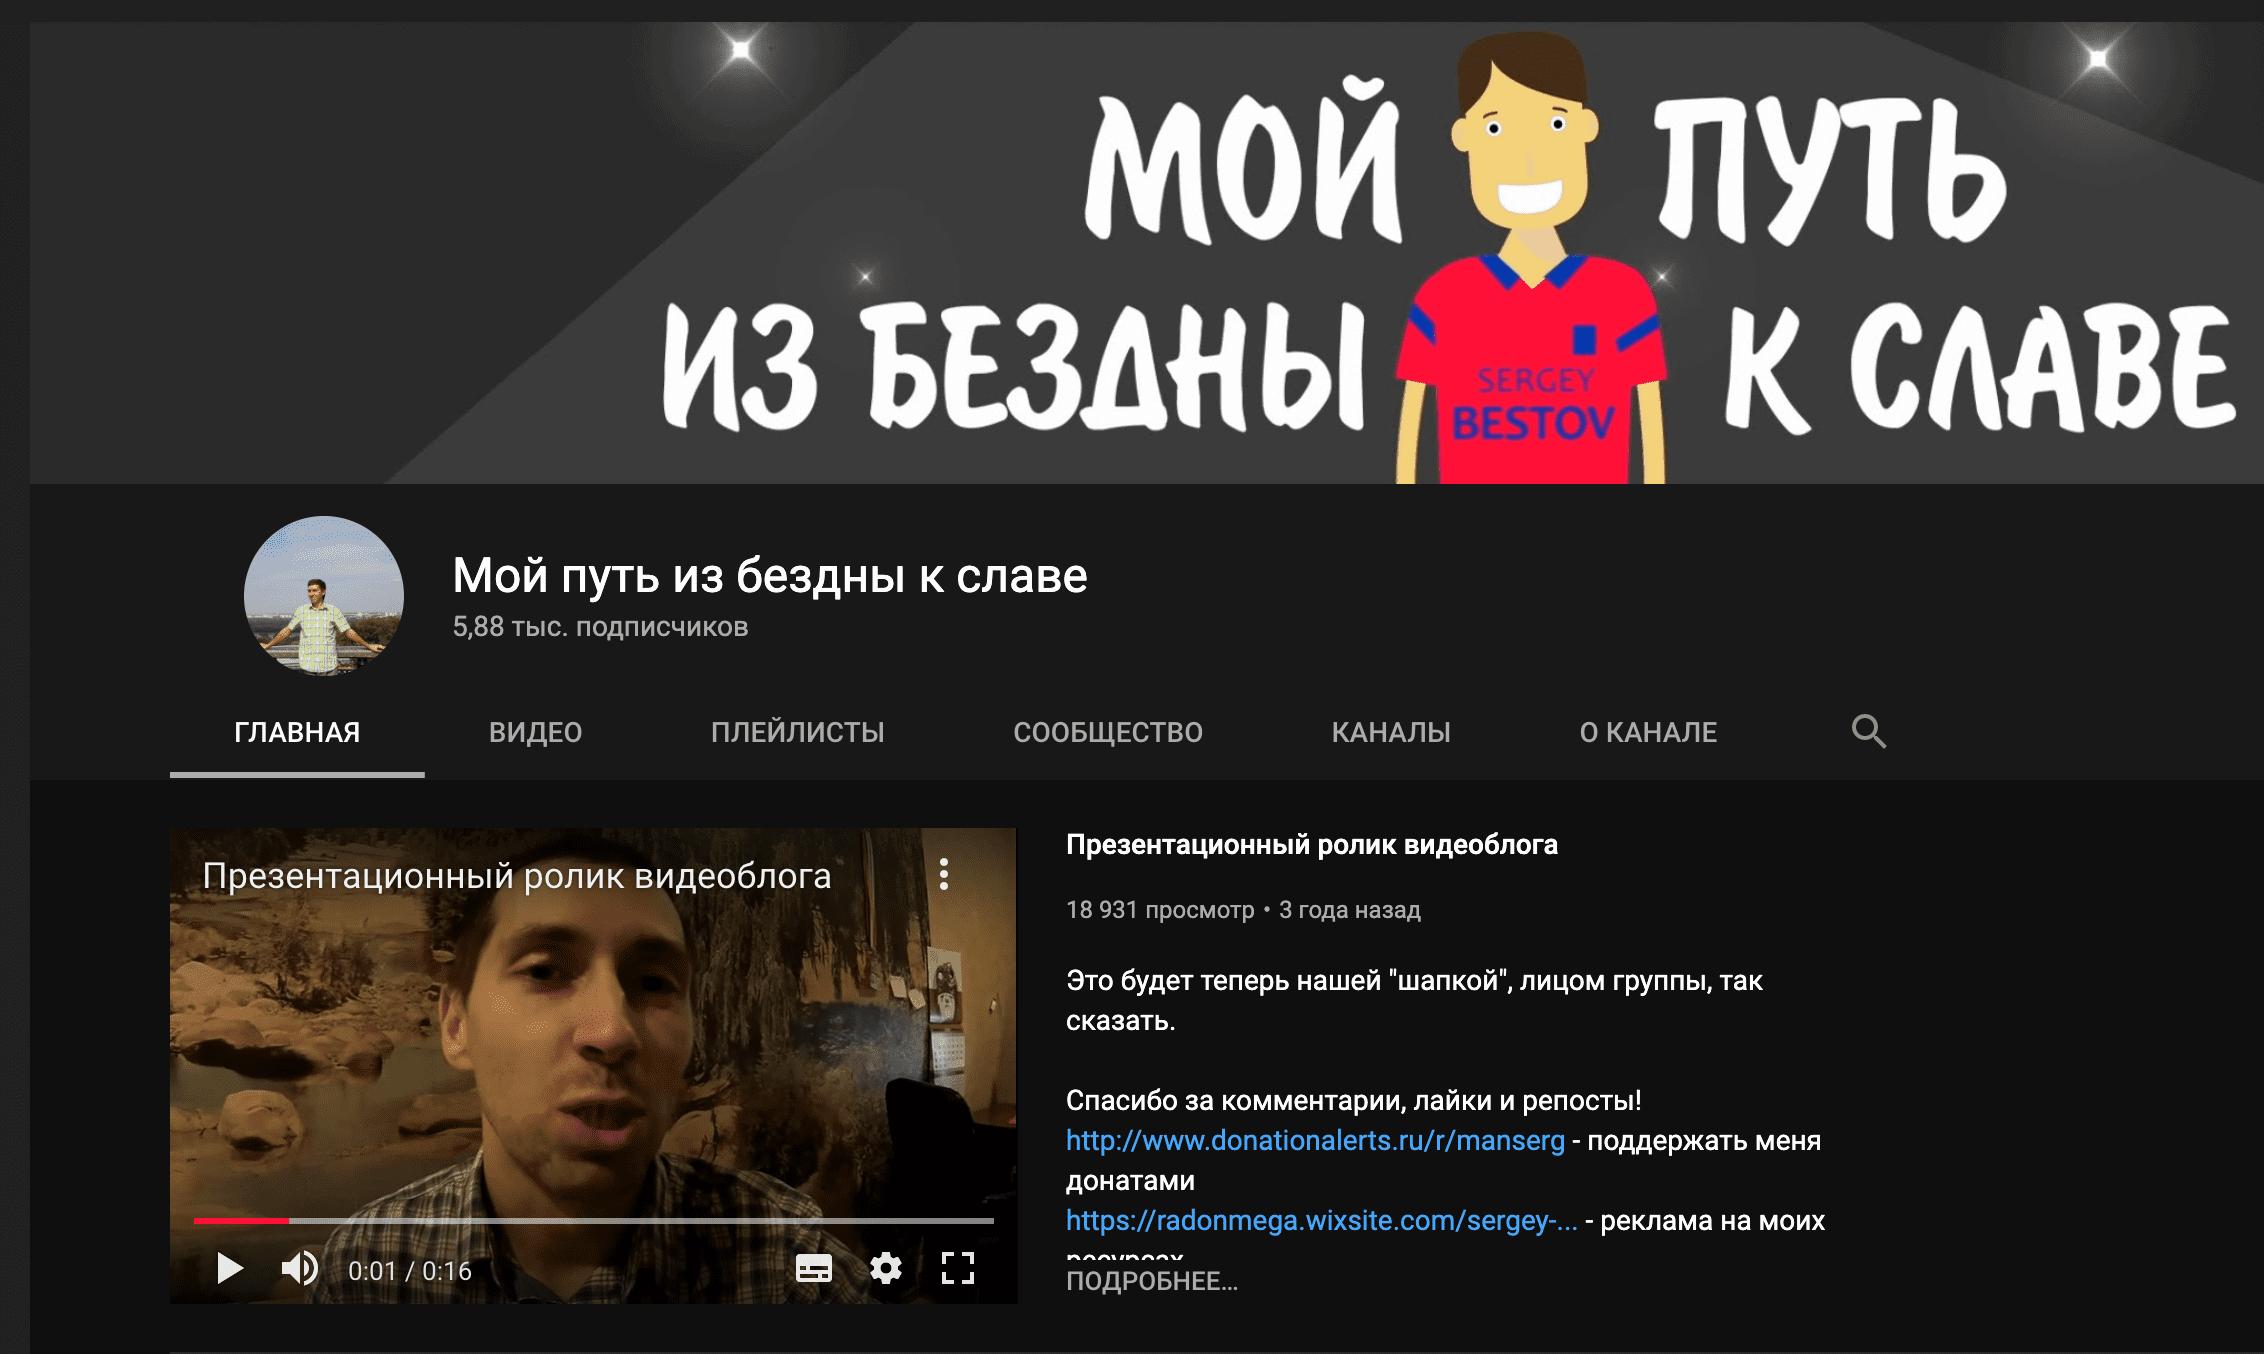 Ютуб канал Мой путь из бездны к славе (Основатель Сергей Бестов)